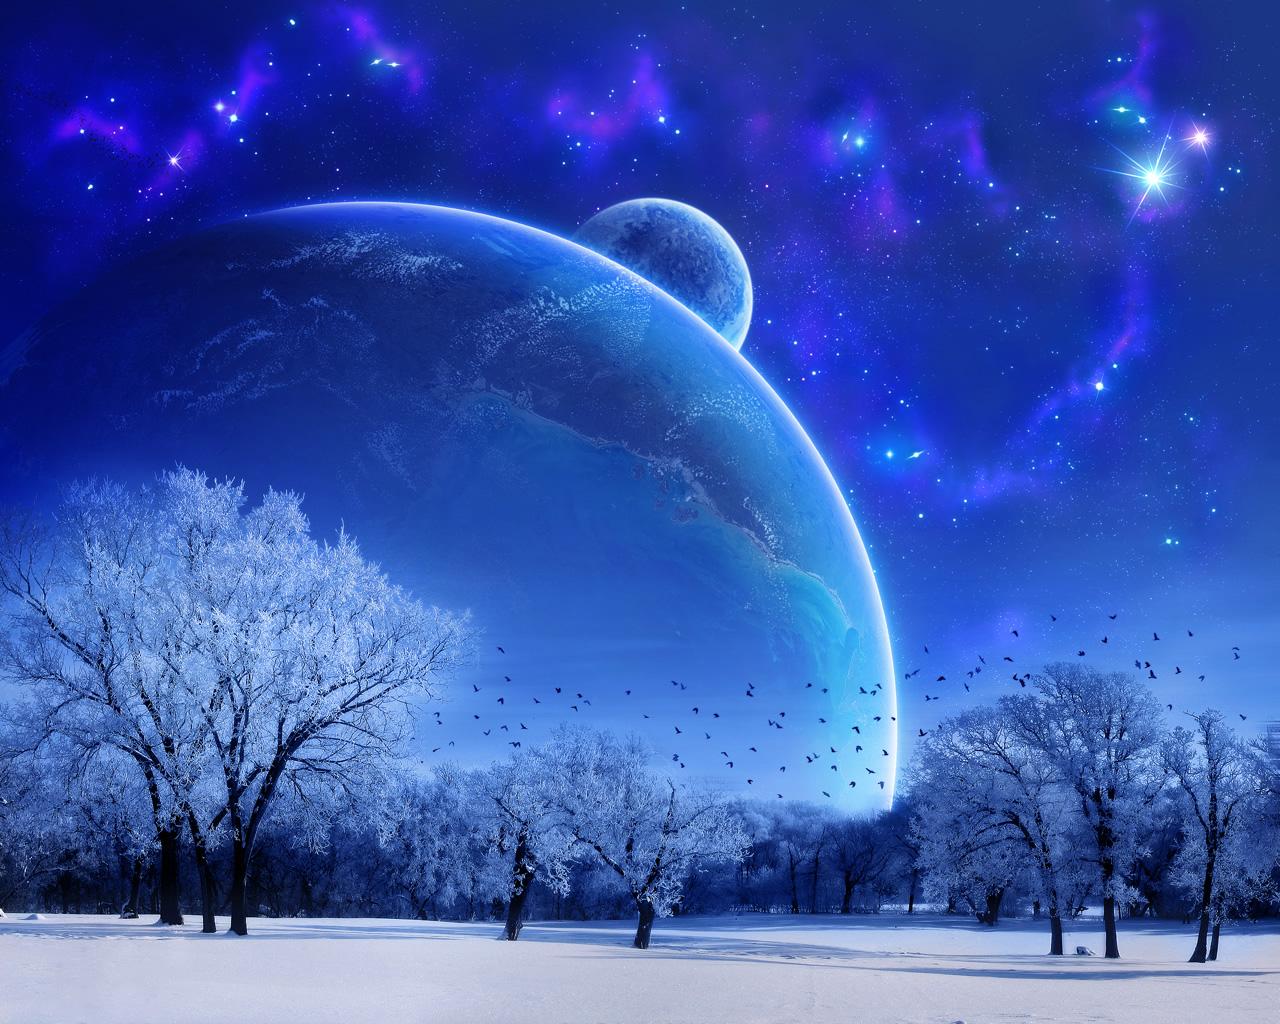 http://3.bp.blogspot.com/-3XJ66f5eiUw/TfjTInteyQI/AAAAAAAAAWE/qAw61UoovIw/s1600/i_am_blue_1280x1024_wallpaper.jpg